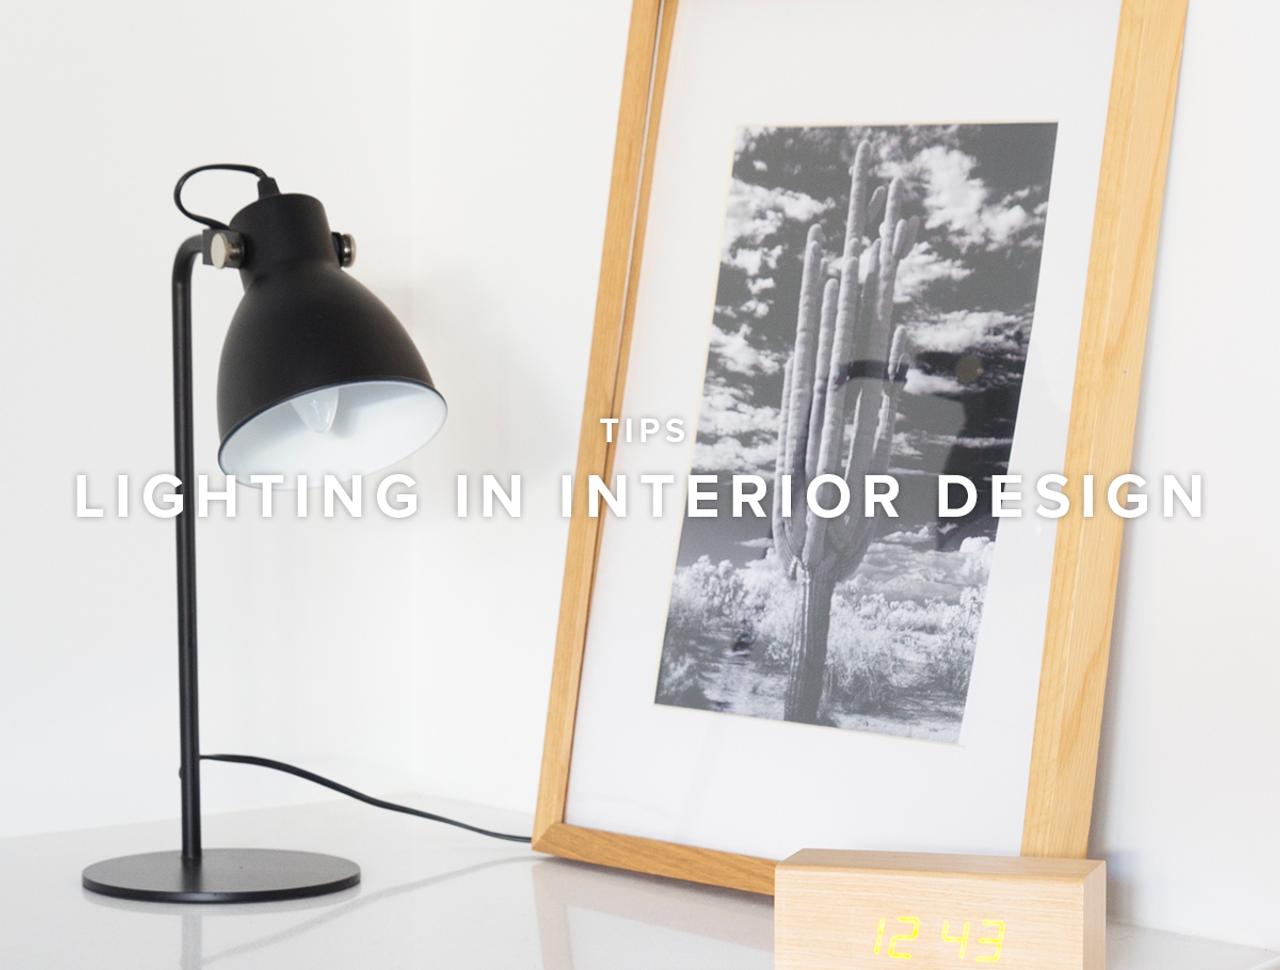 Lighting in Interior Design